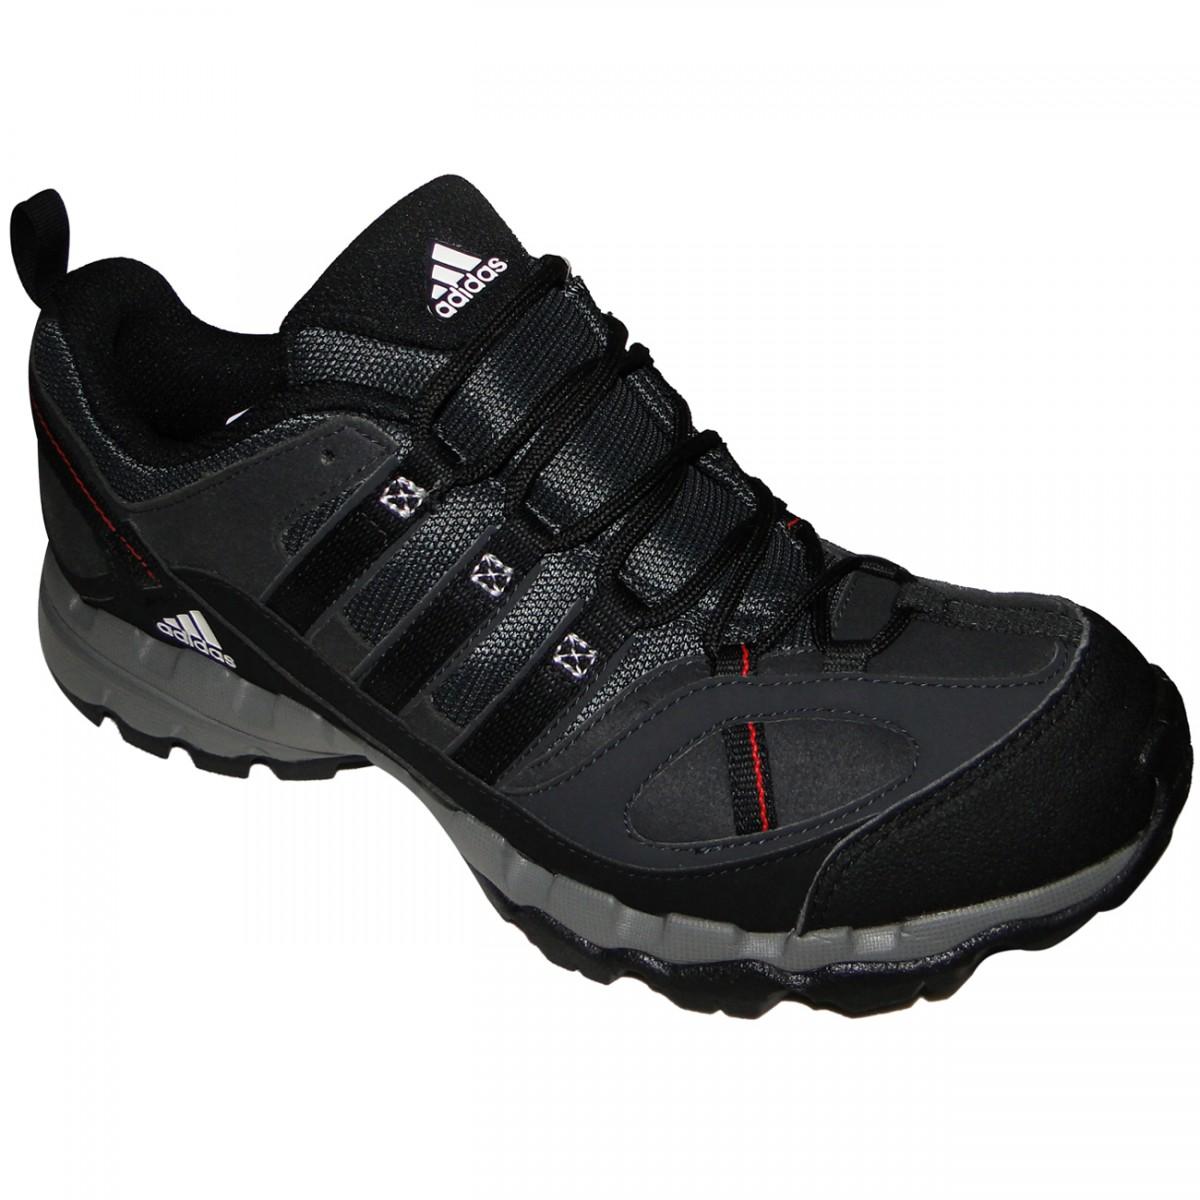 Tênis Adidas Ax 1 Tr 1719 - PRETO MUSGO - Chuteira Nike 879fae51b1b9c